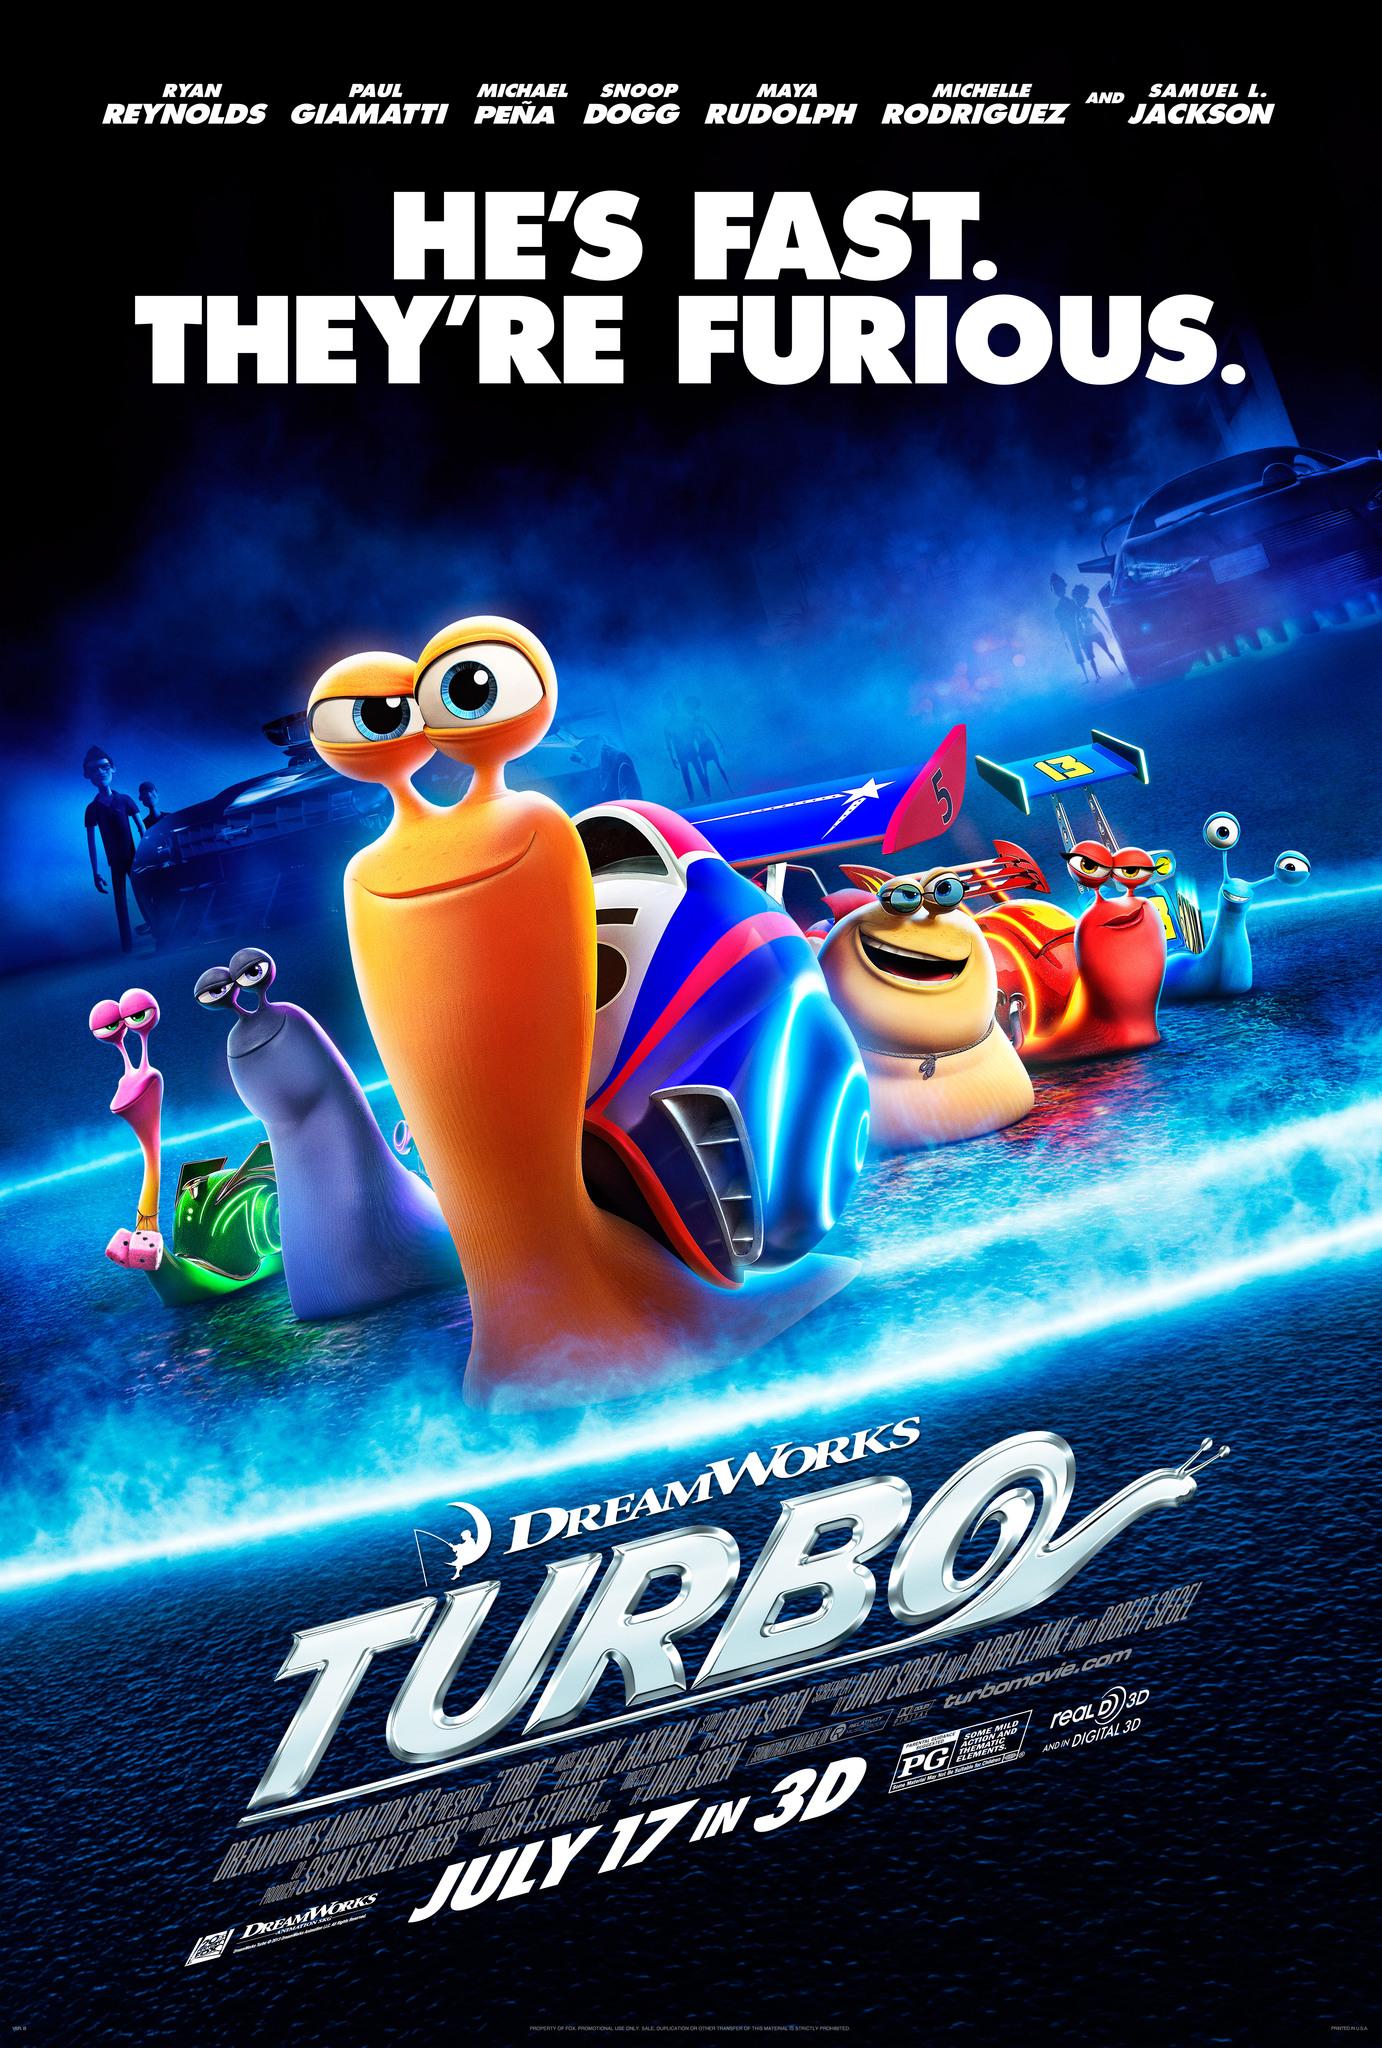 Turbo 2013 IMDb